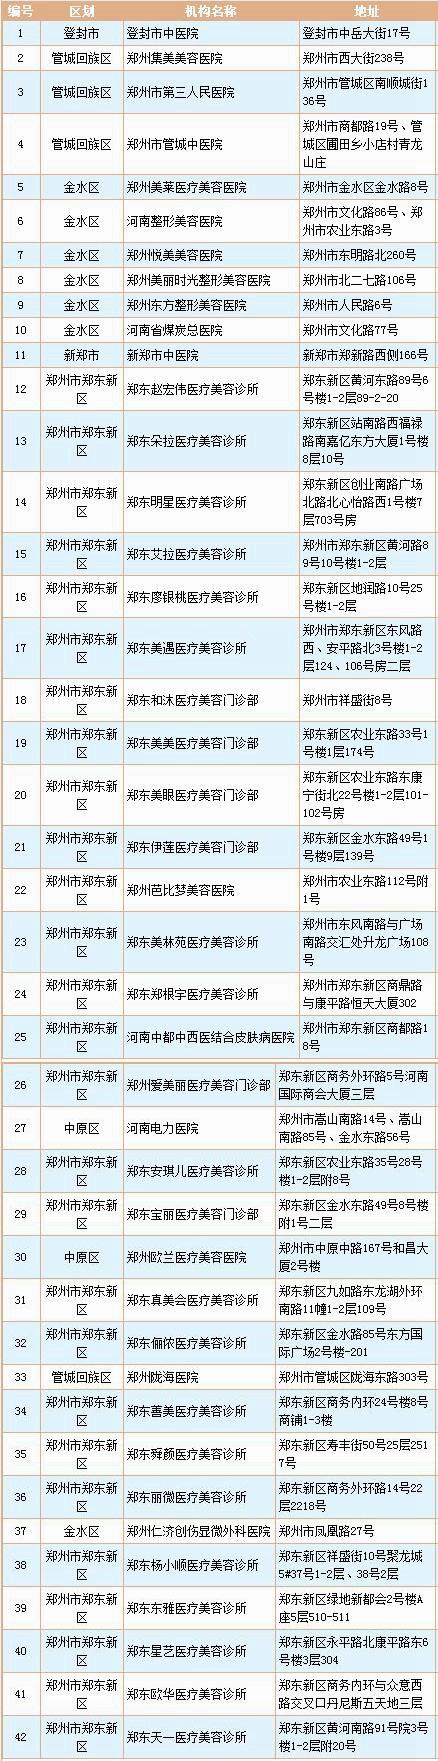 郑州市卫生和计划生育委员会核准的42家整形医院